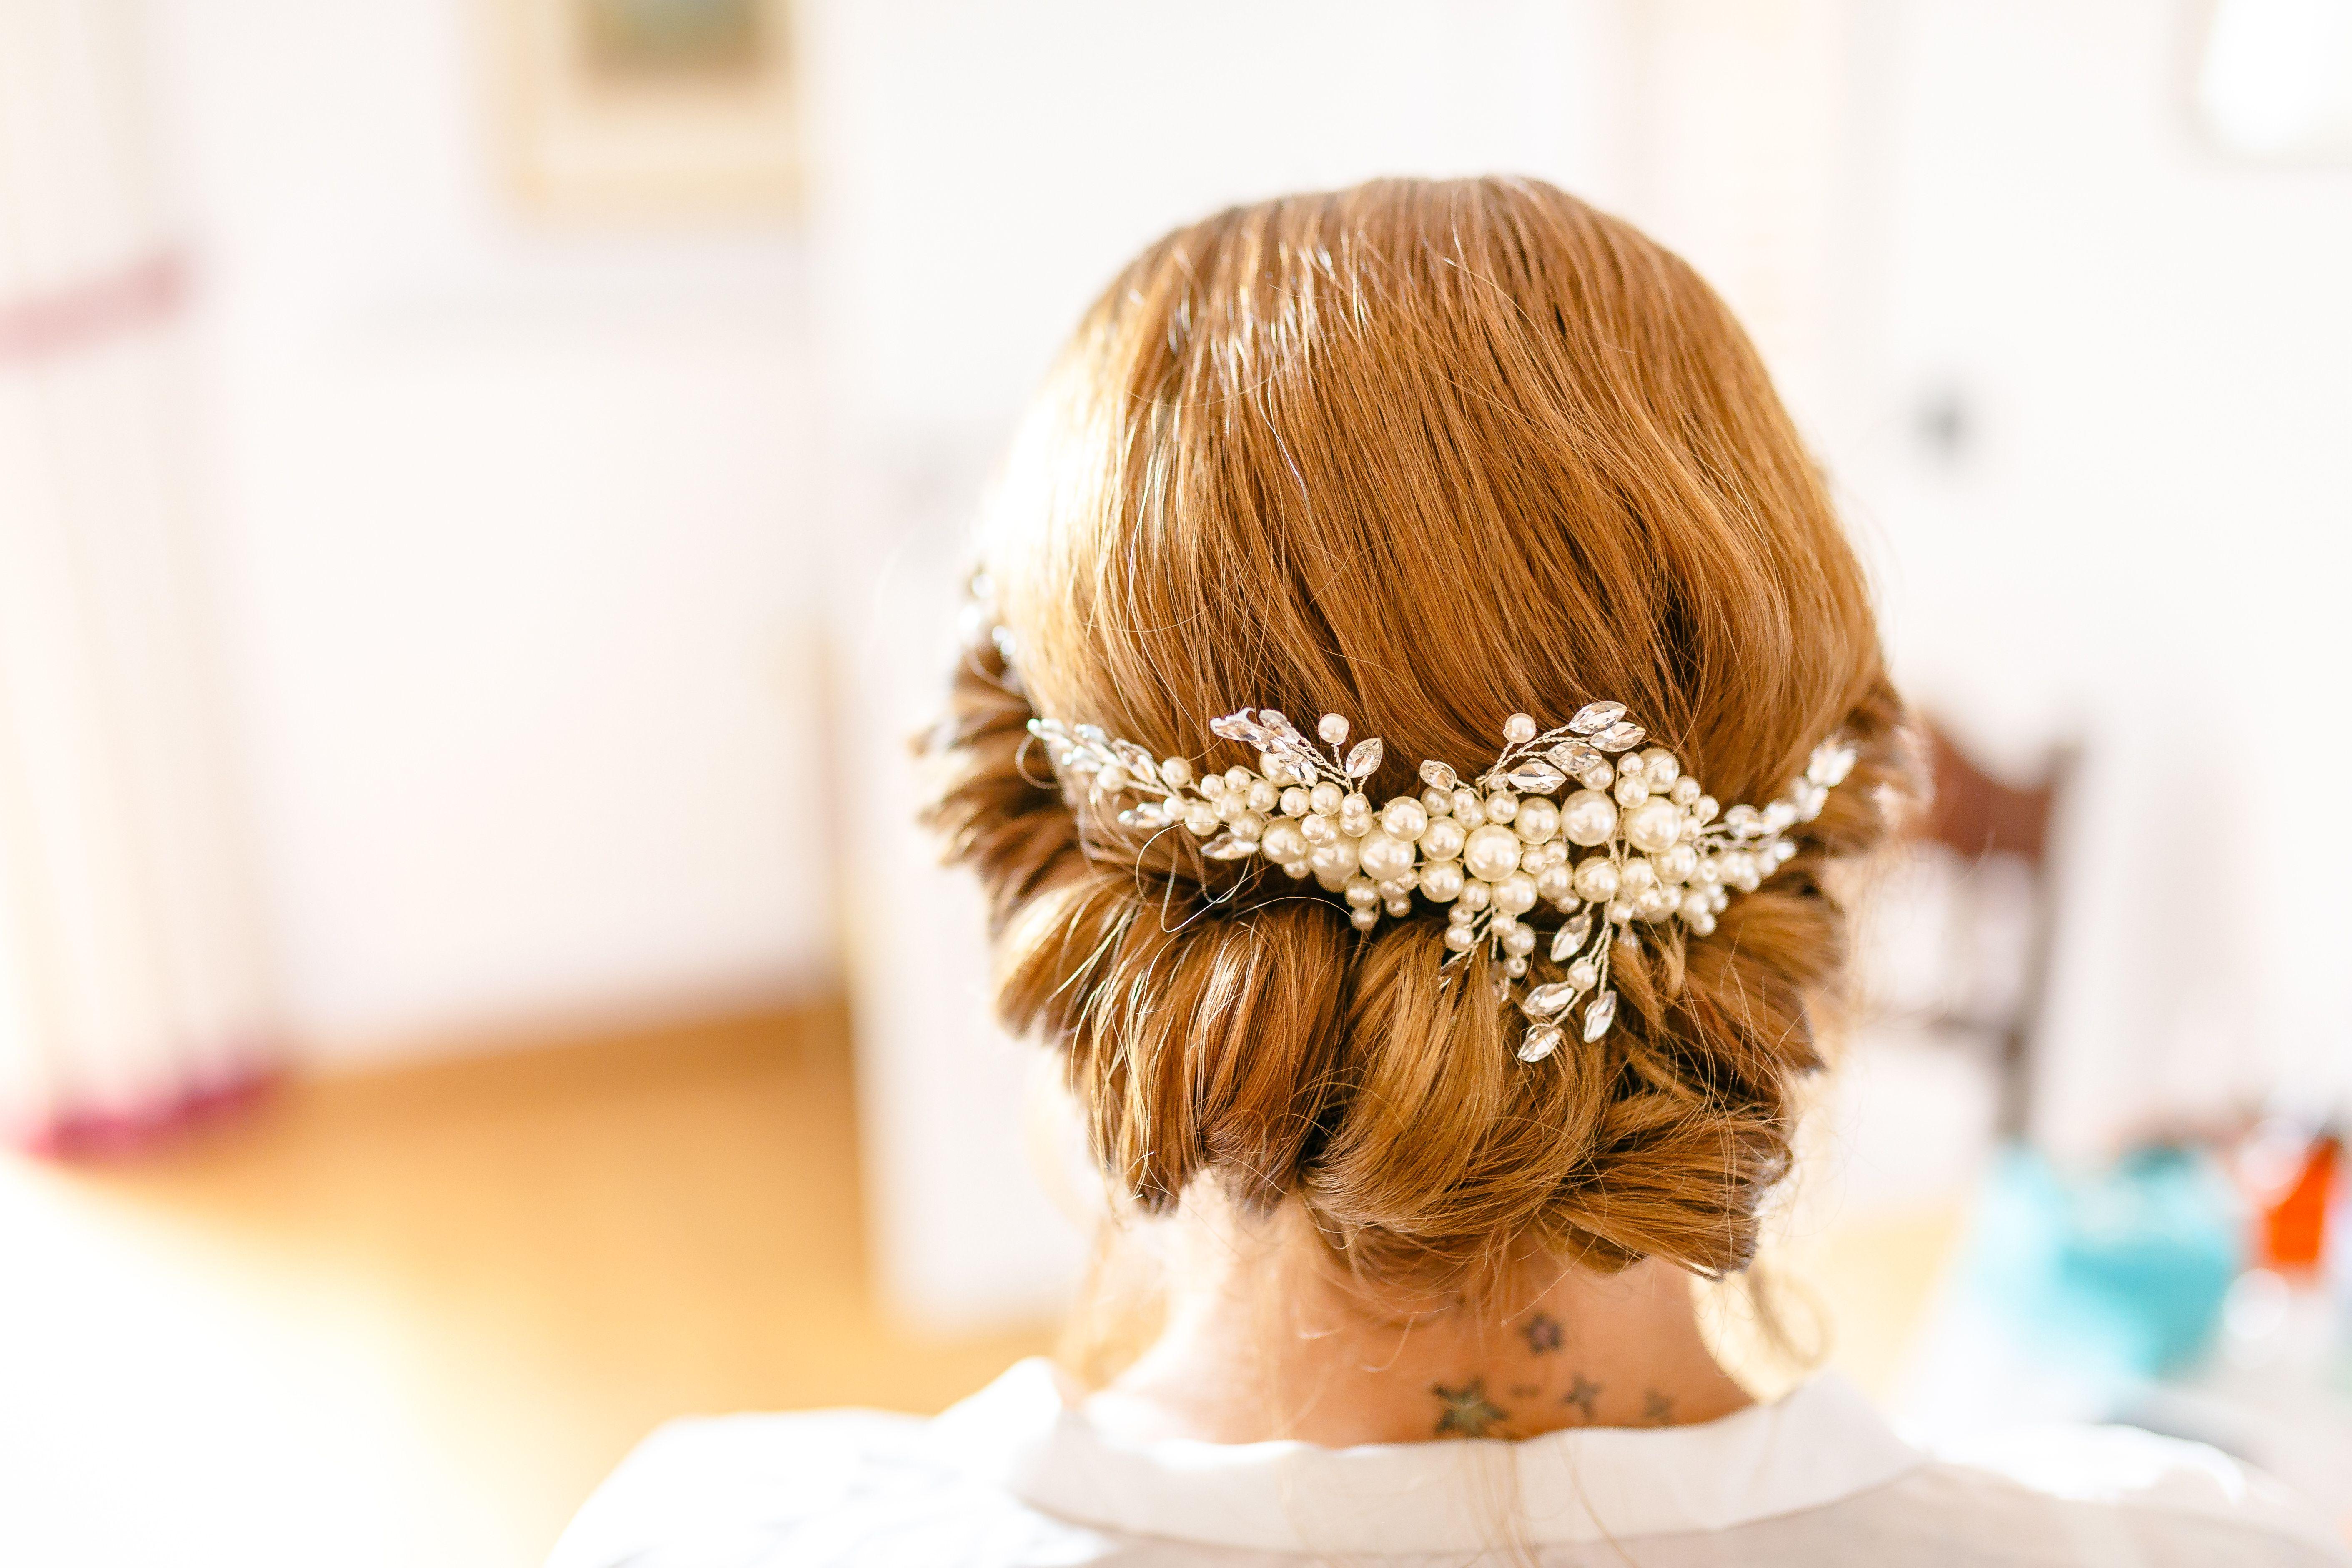 Bridal Updo Hochsteckfrisur Frisur Hochgesteckt Brautfrisur Hochsteckfrisur